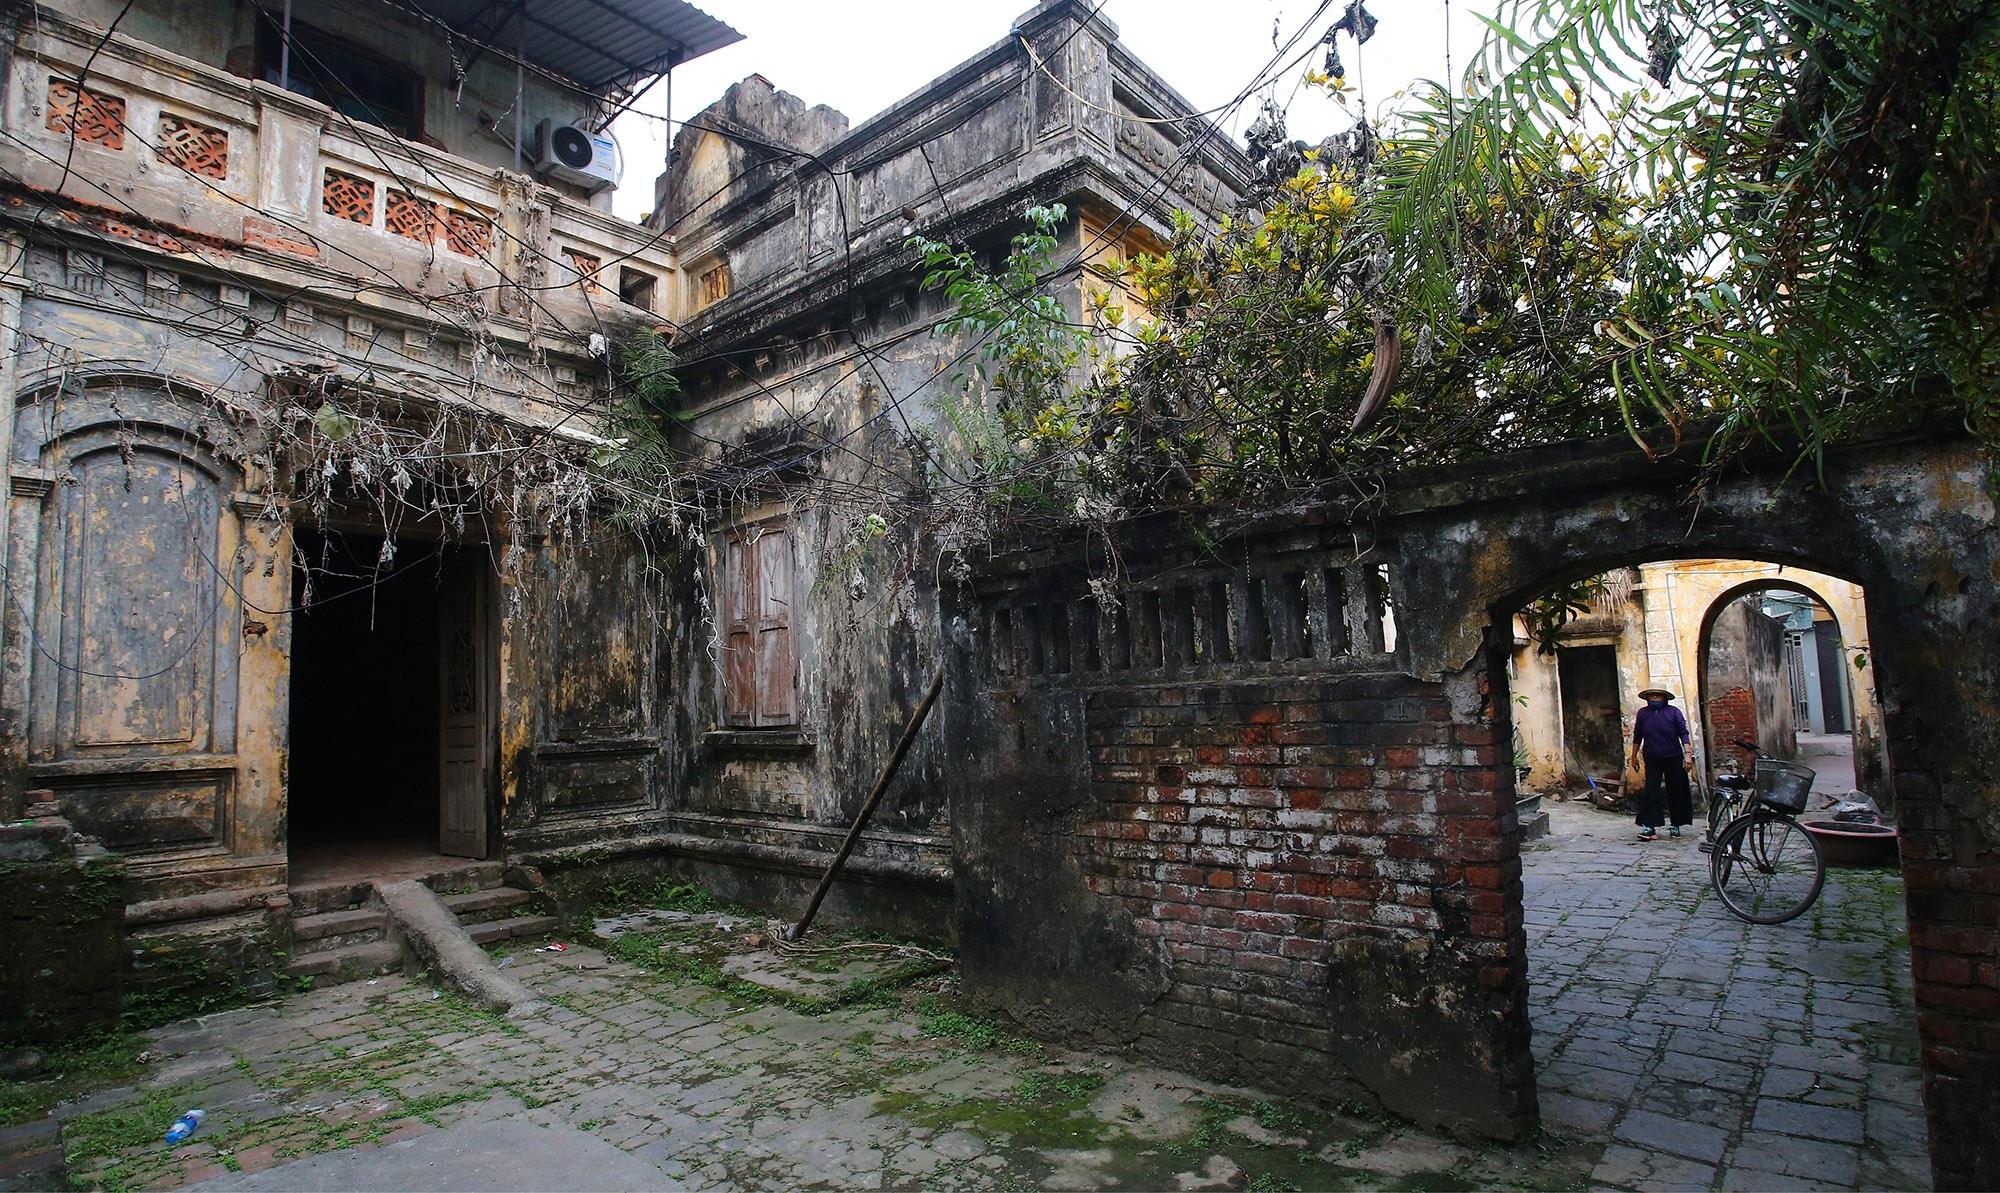 Đông Ngạc - Ngôi làng cổ tuyệt đẹp trong lòng thị thành Hà Nội - 5